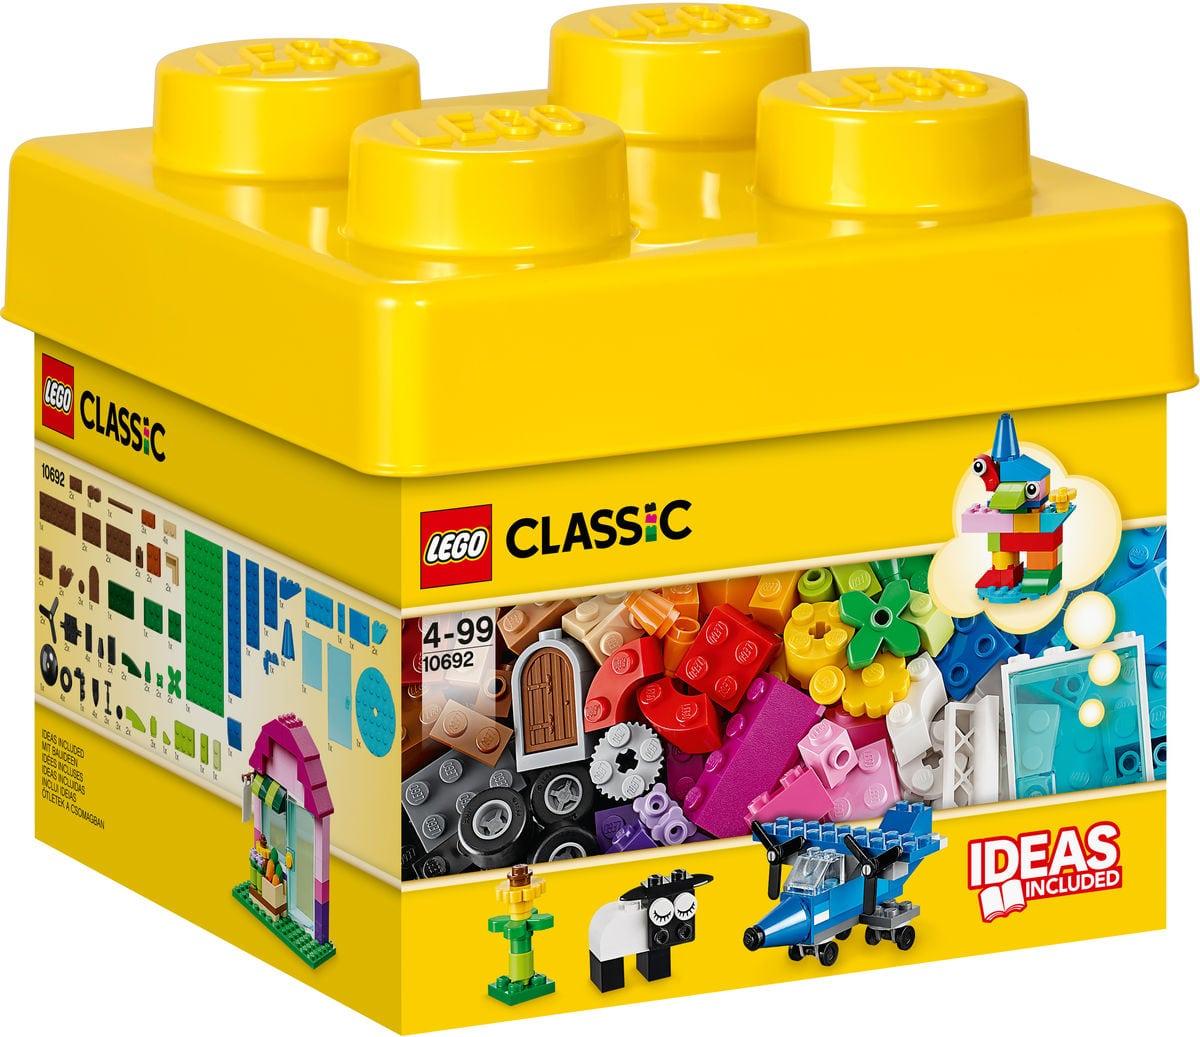 LEGO Classic Les briques créatives 10692